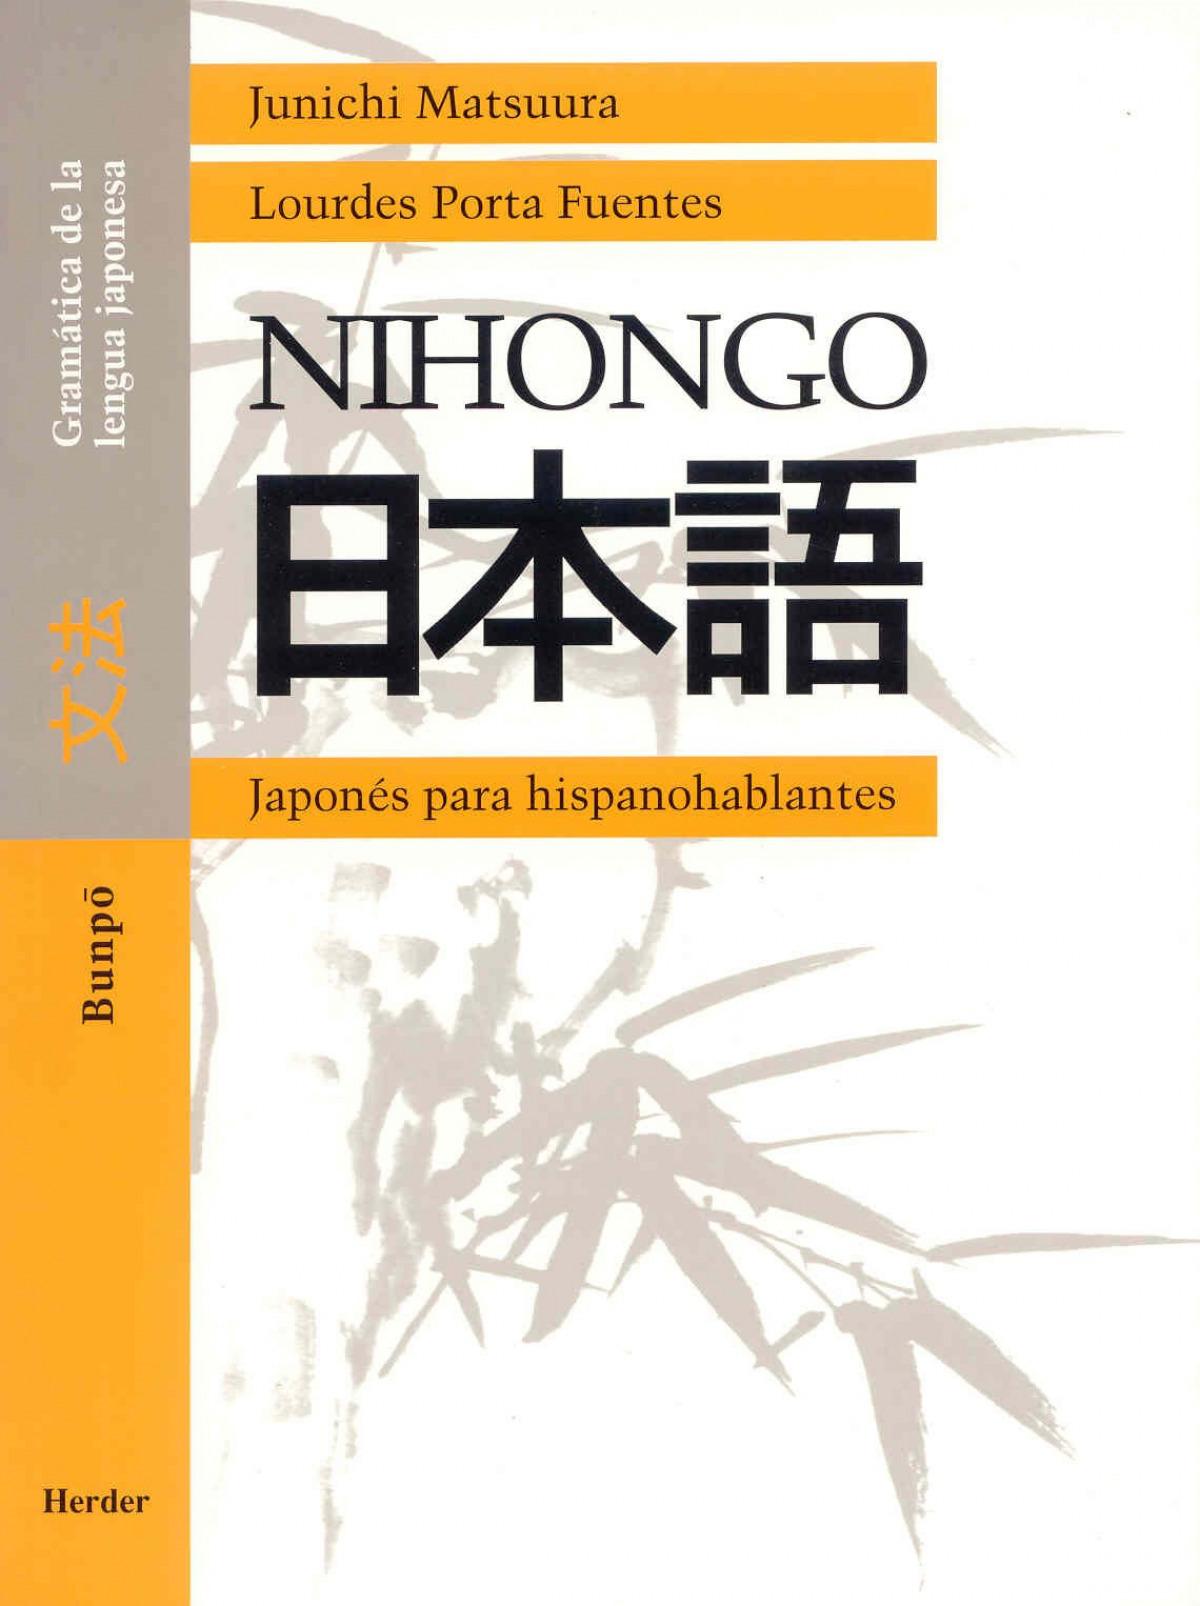 Nihongo gramática Bunpo